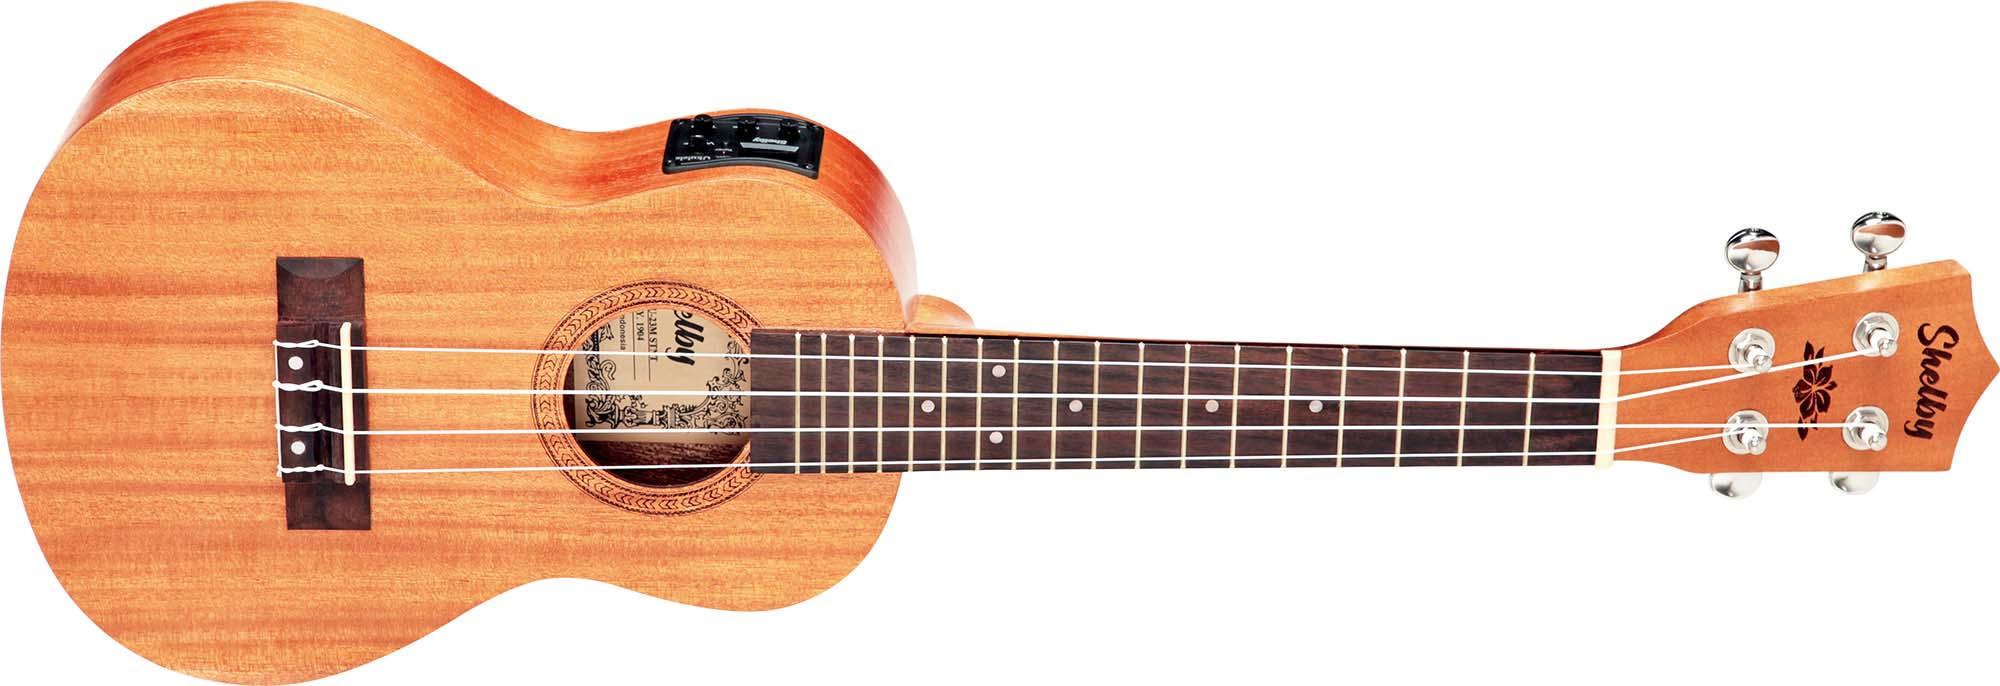 su23me ukulele concerto eletroacustico shelby su23me stnt mogno acetinado visao frontal